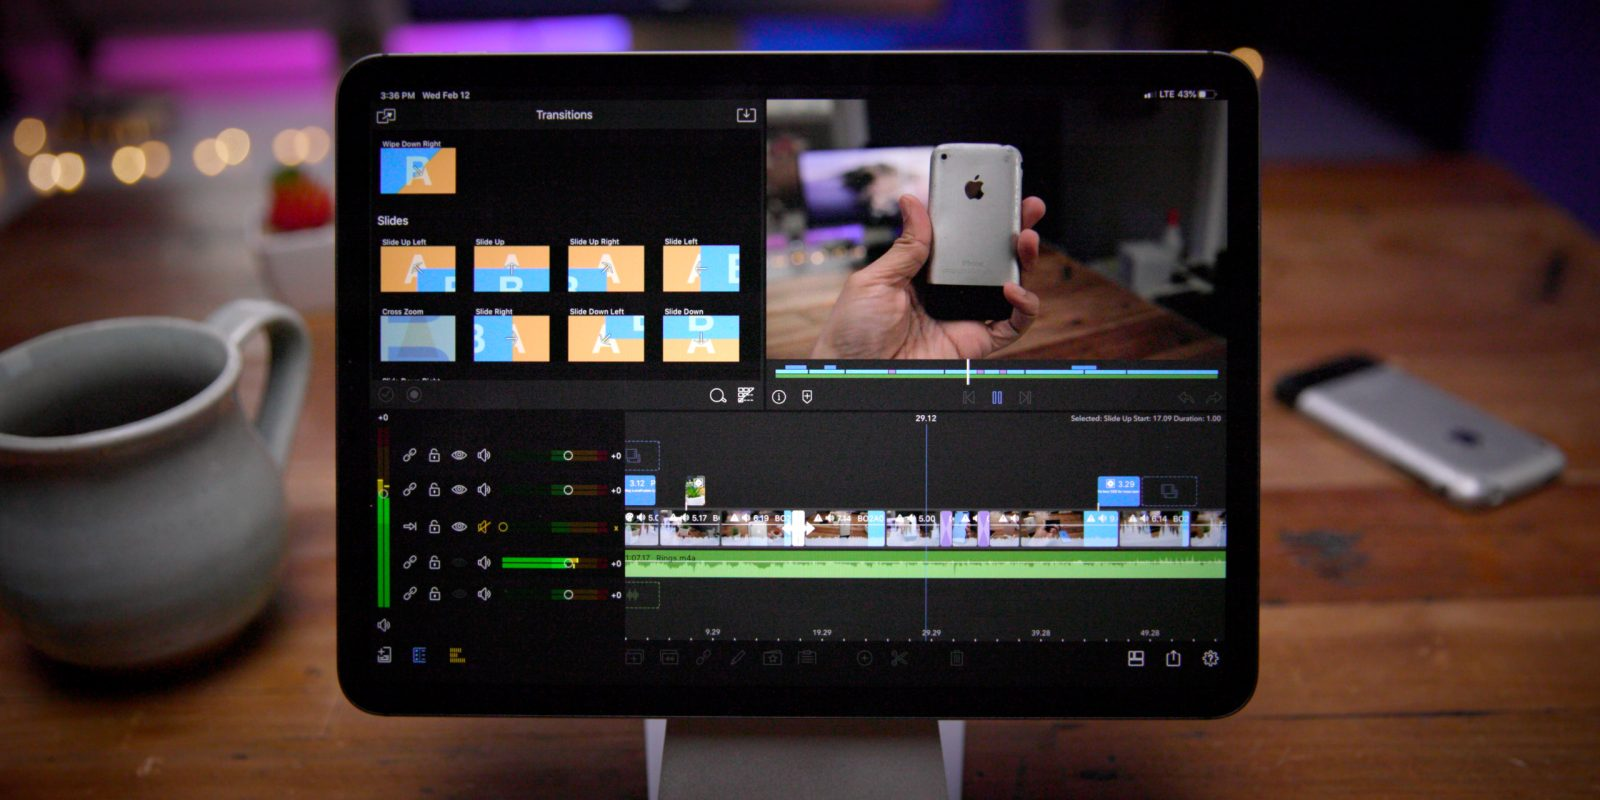 Возможно на iPad появится Final Cut Pro, Logic Pro и Xcode   BERRYBLOG